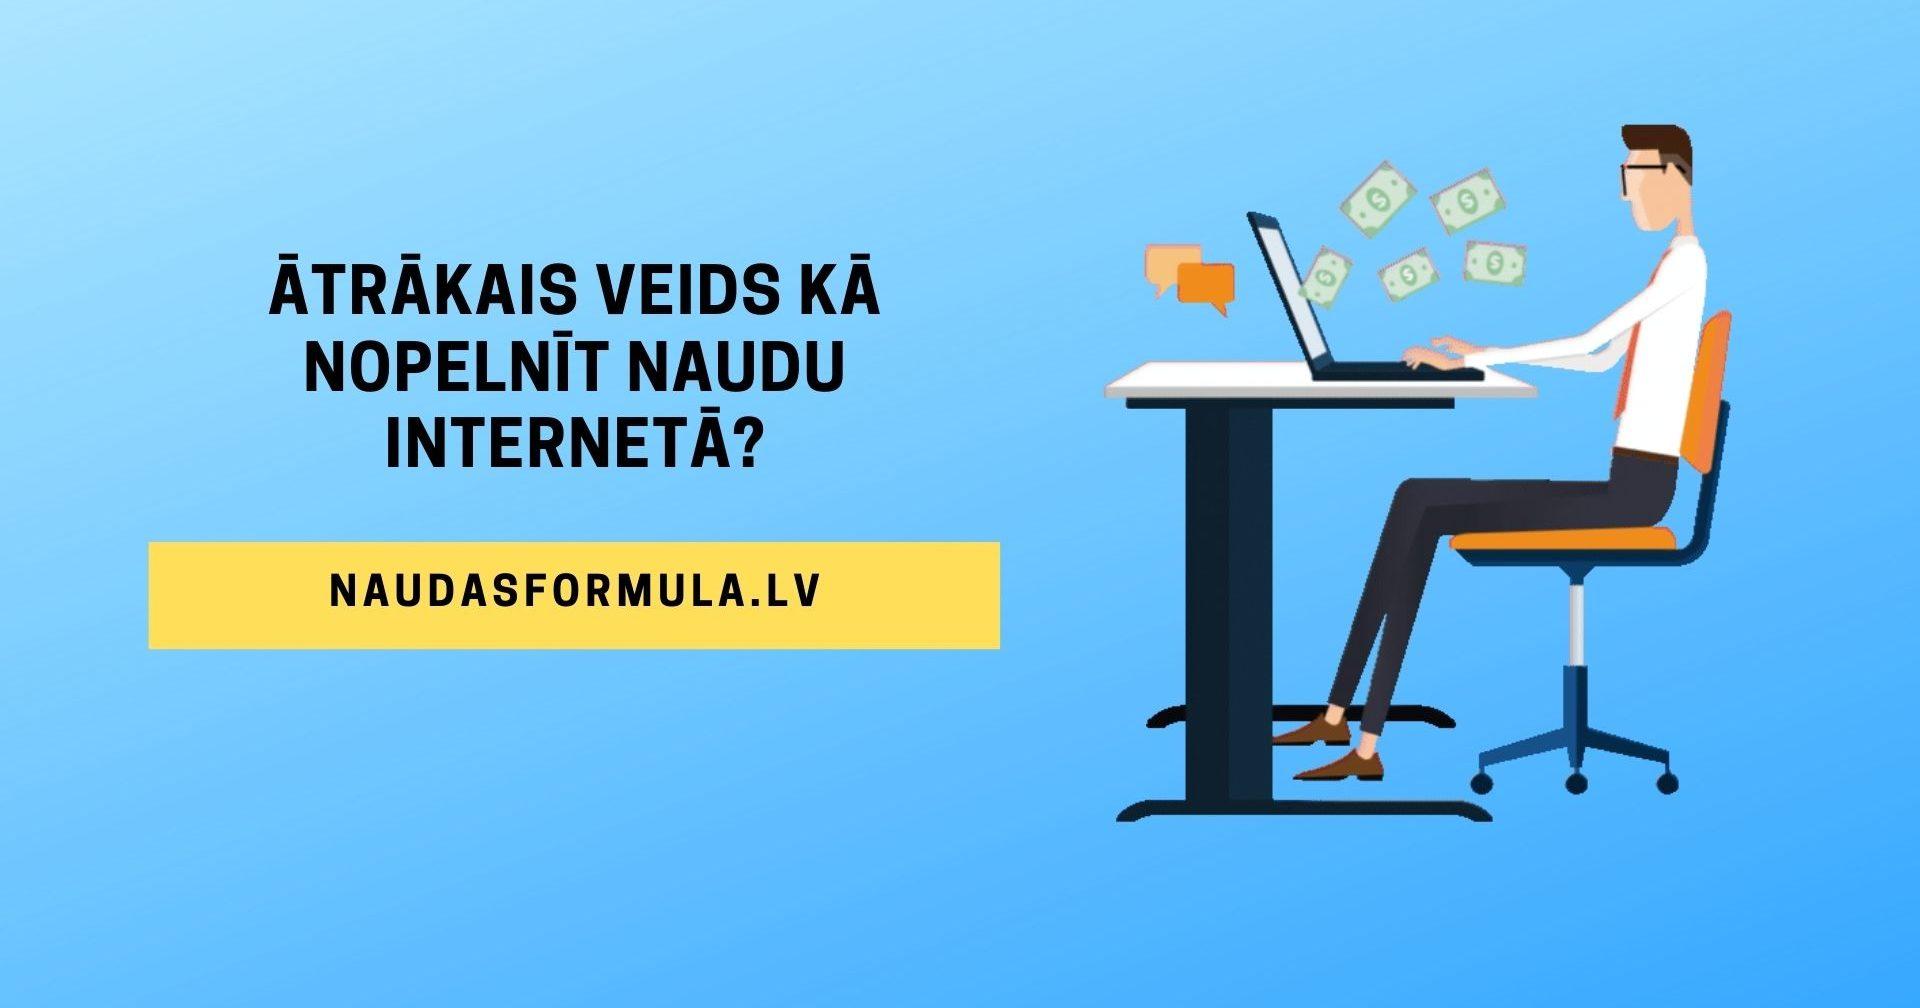 kā jūs varat nopelnīt naudu internetā bez depozīta